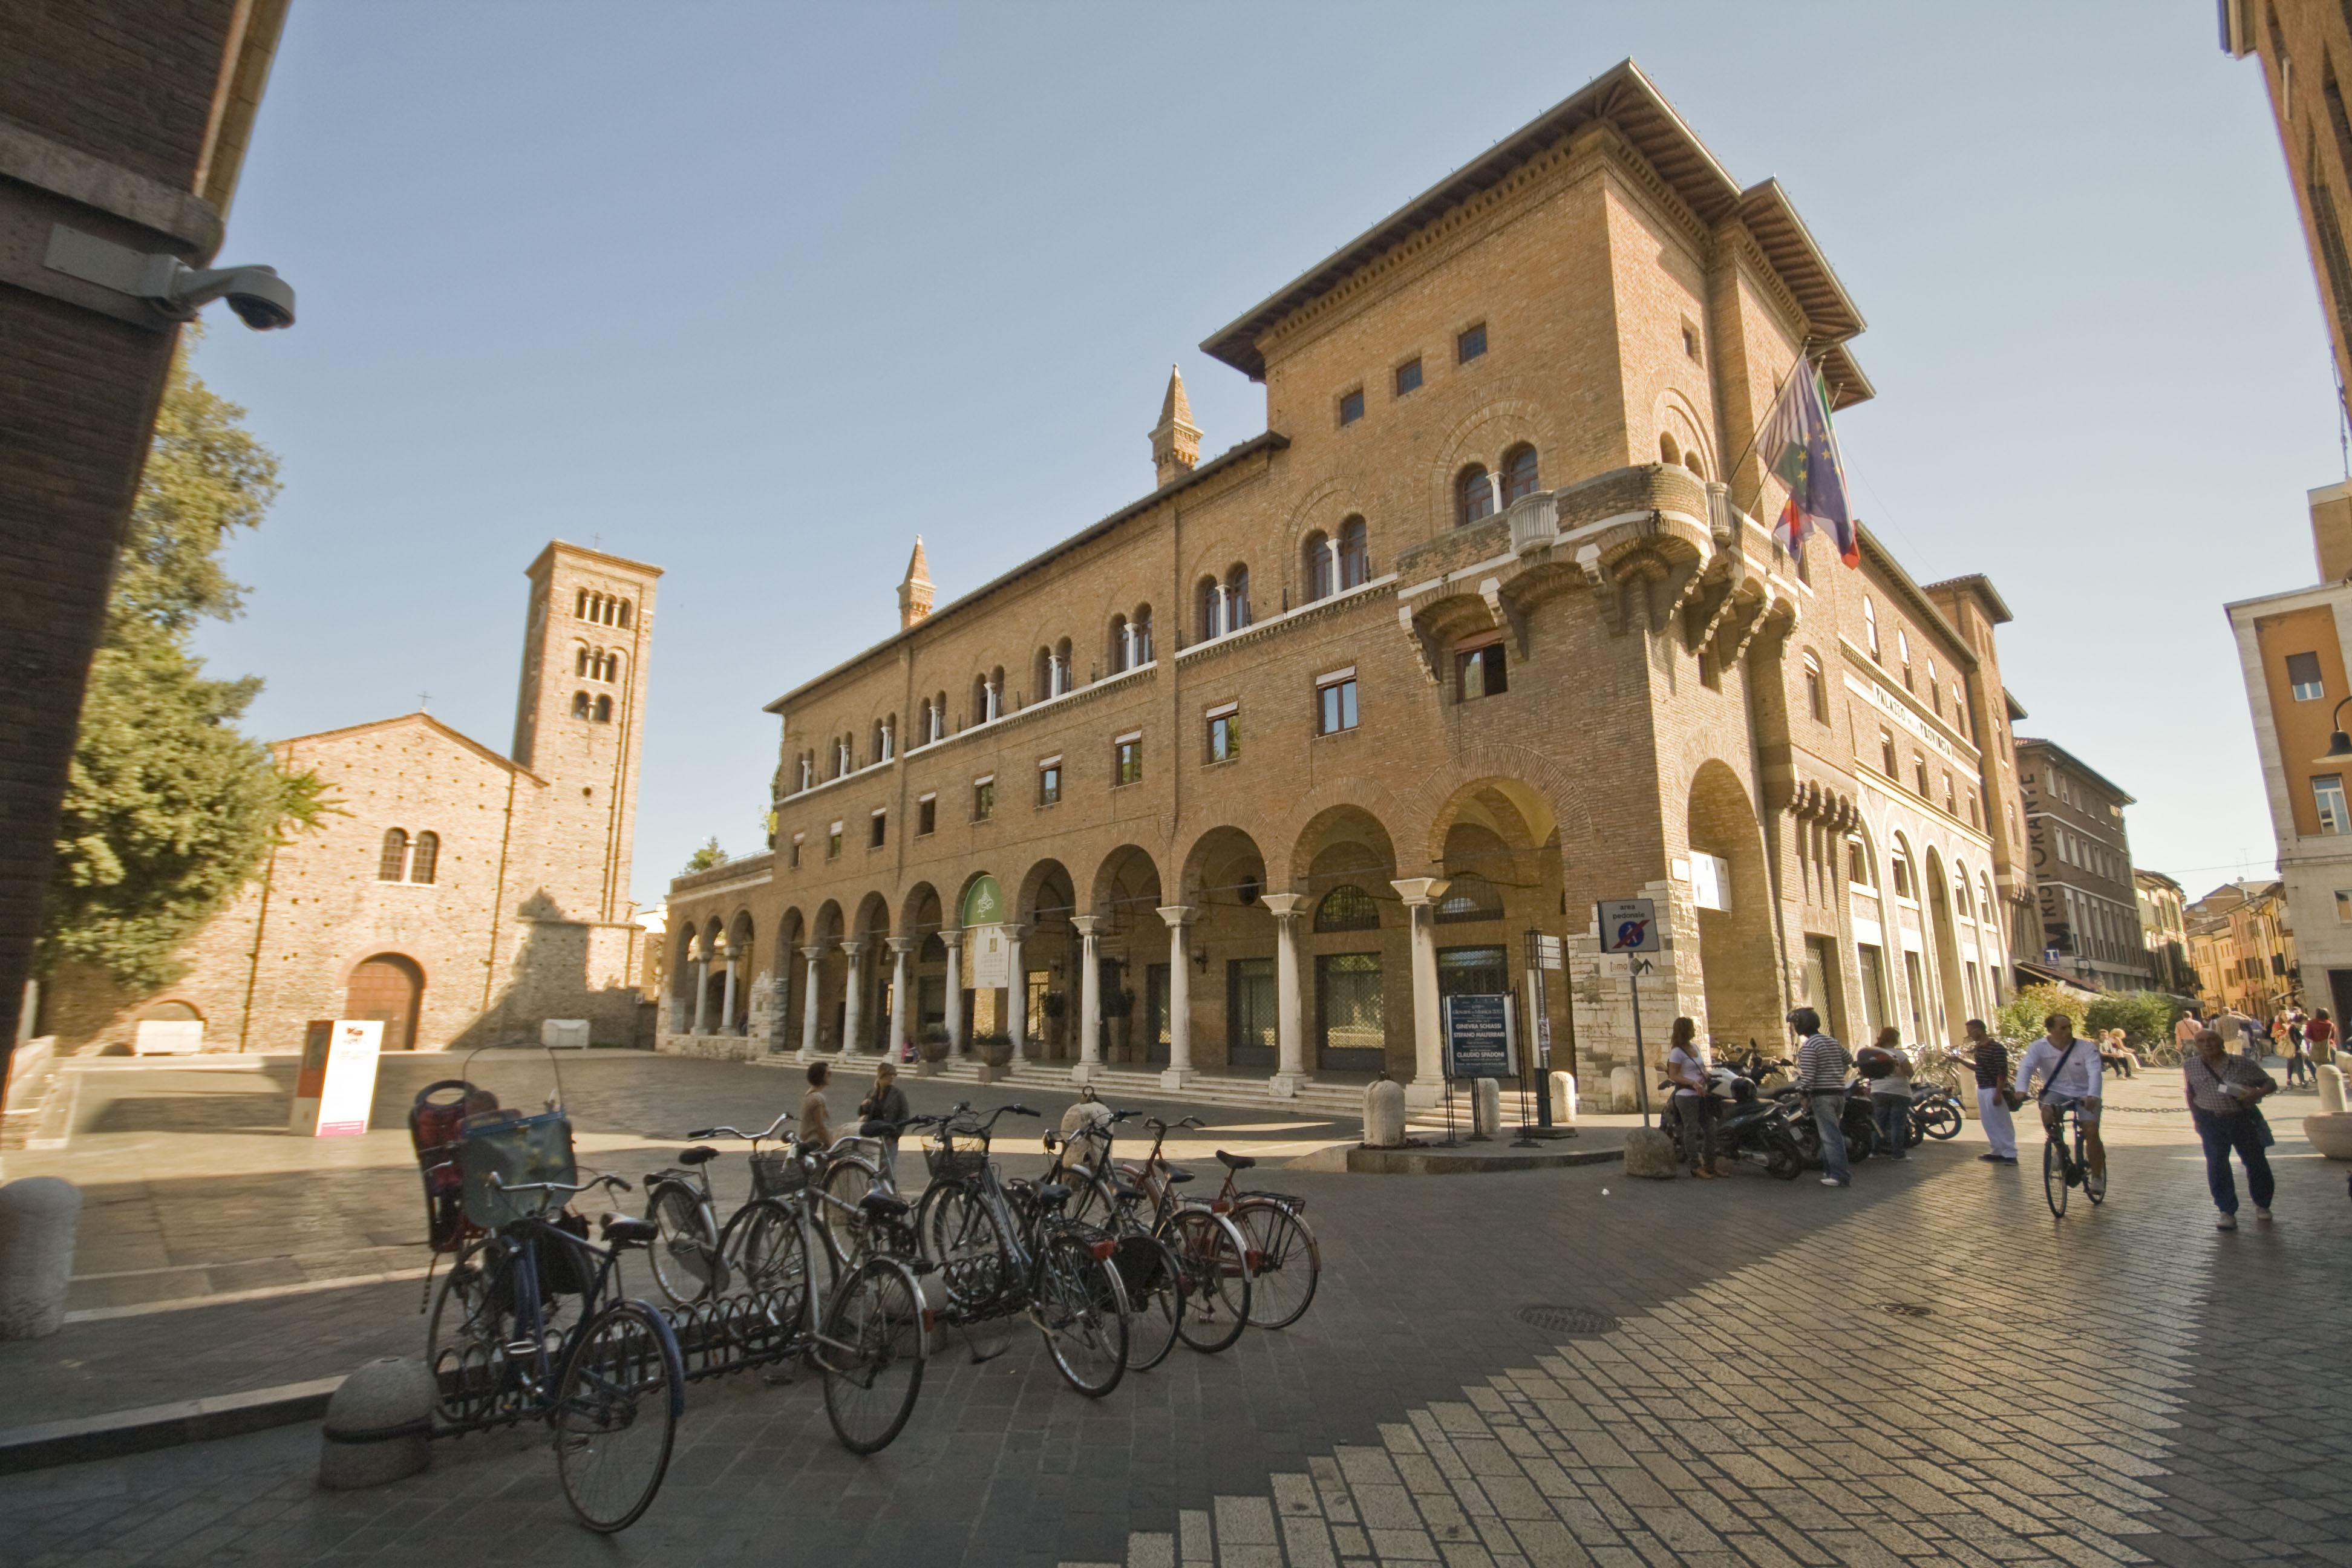 Cosa vedere a Ravenna, candidata Capitale della cultura 2019